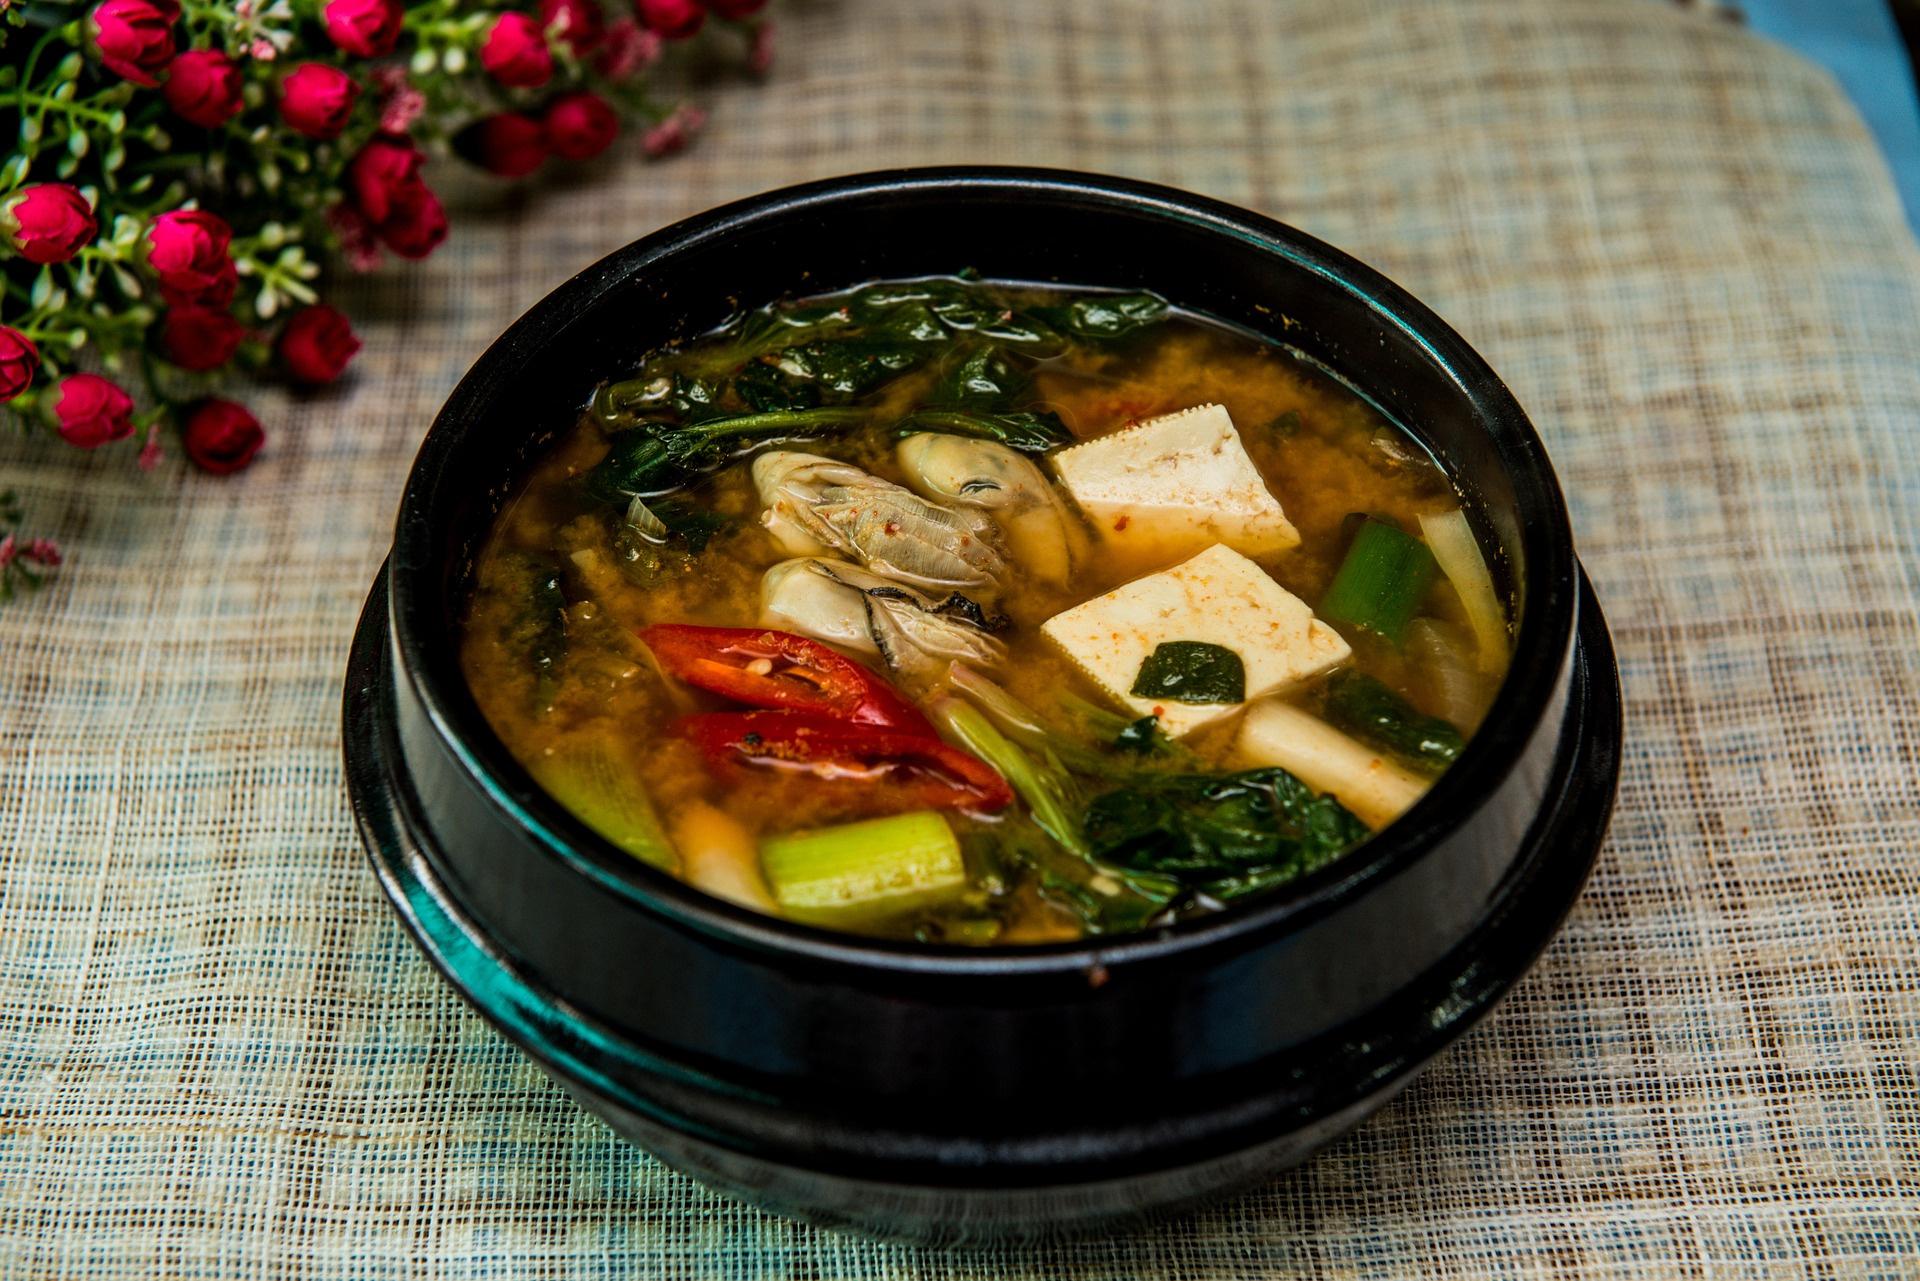 A japánok nemzeti fűszere, a miso fermentált szójababból készül. Jó forrása a fehérjének és a rostnak, ráadásul vitaminokban is kifejezetten gazdag. Egy japán kutatás azt találta, hogy a mellrák kialakulásának kockázatát is jelentősen csökkenti a sok miso fogyasztása.